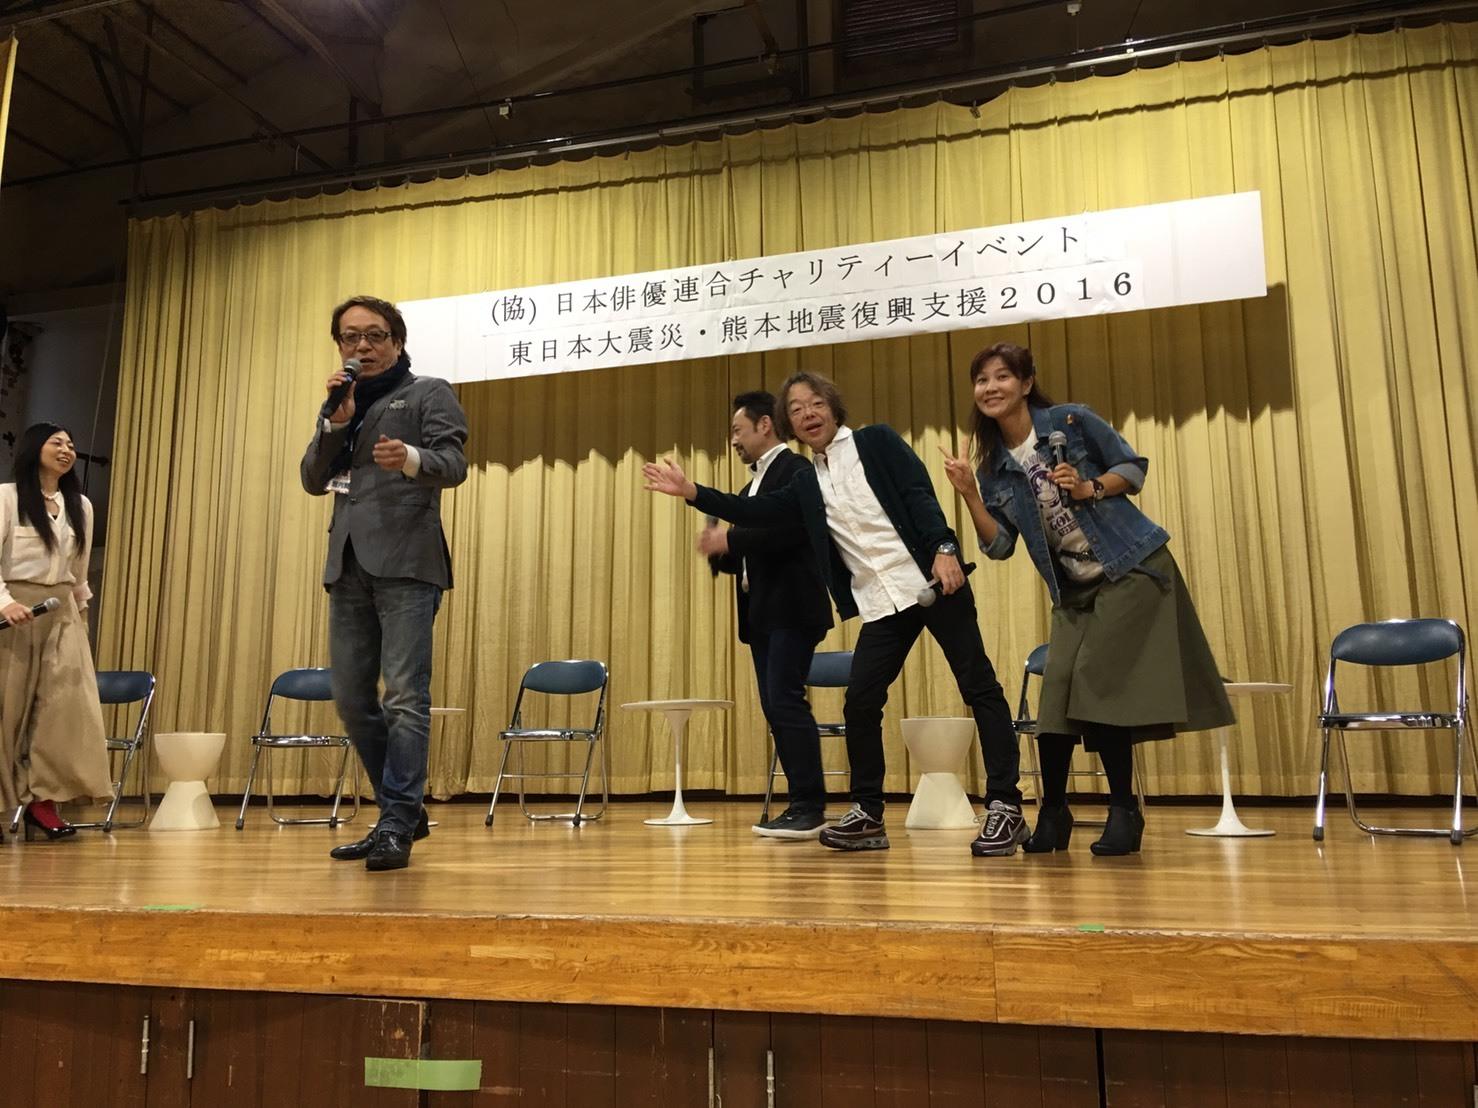 日俳連チャリティイベント①_a0163623_20524060.jpg